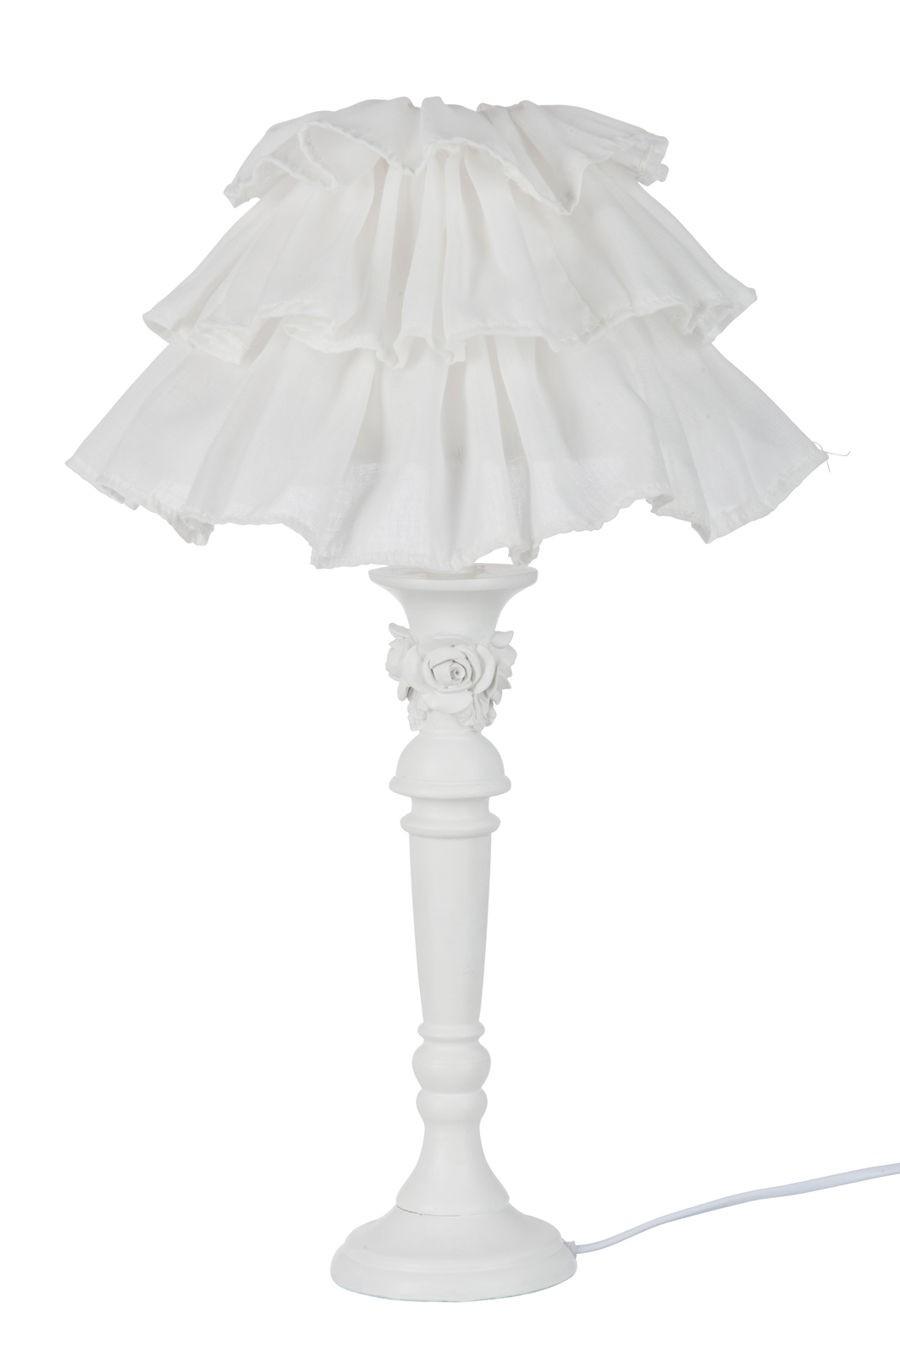 Jour Lampe Avec Volant 20x20x50 Romantique Rose Abat Blanche Tissus 0nvmOywN8P